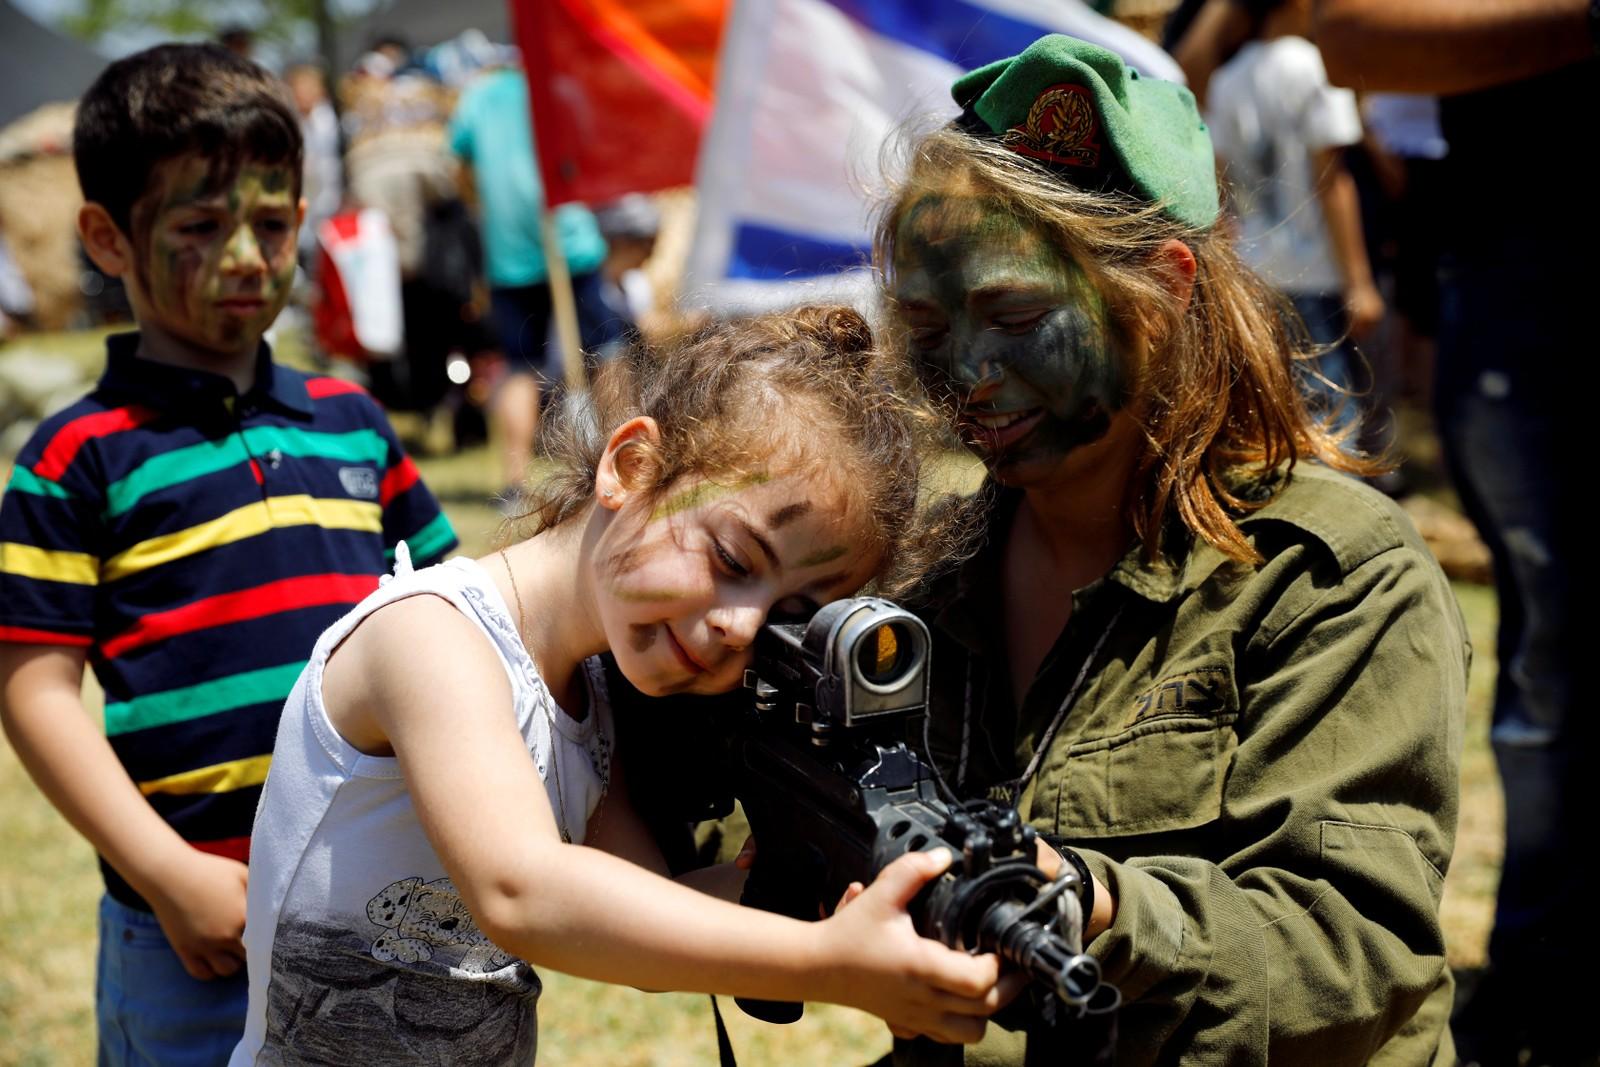 Og her får en liten jente prøve å holde et våpen. Det var den 69. gangen nasjonaldagen i Israel ble feiret. Dagen feires på forskjellige datoer hvert år.